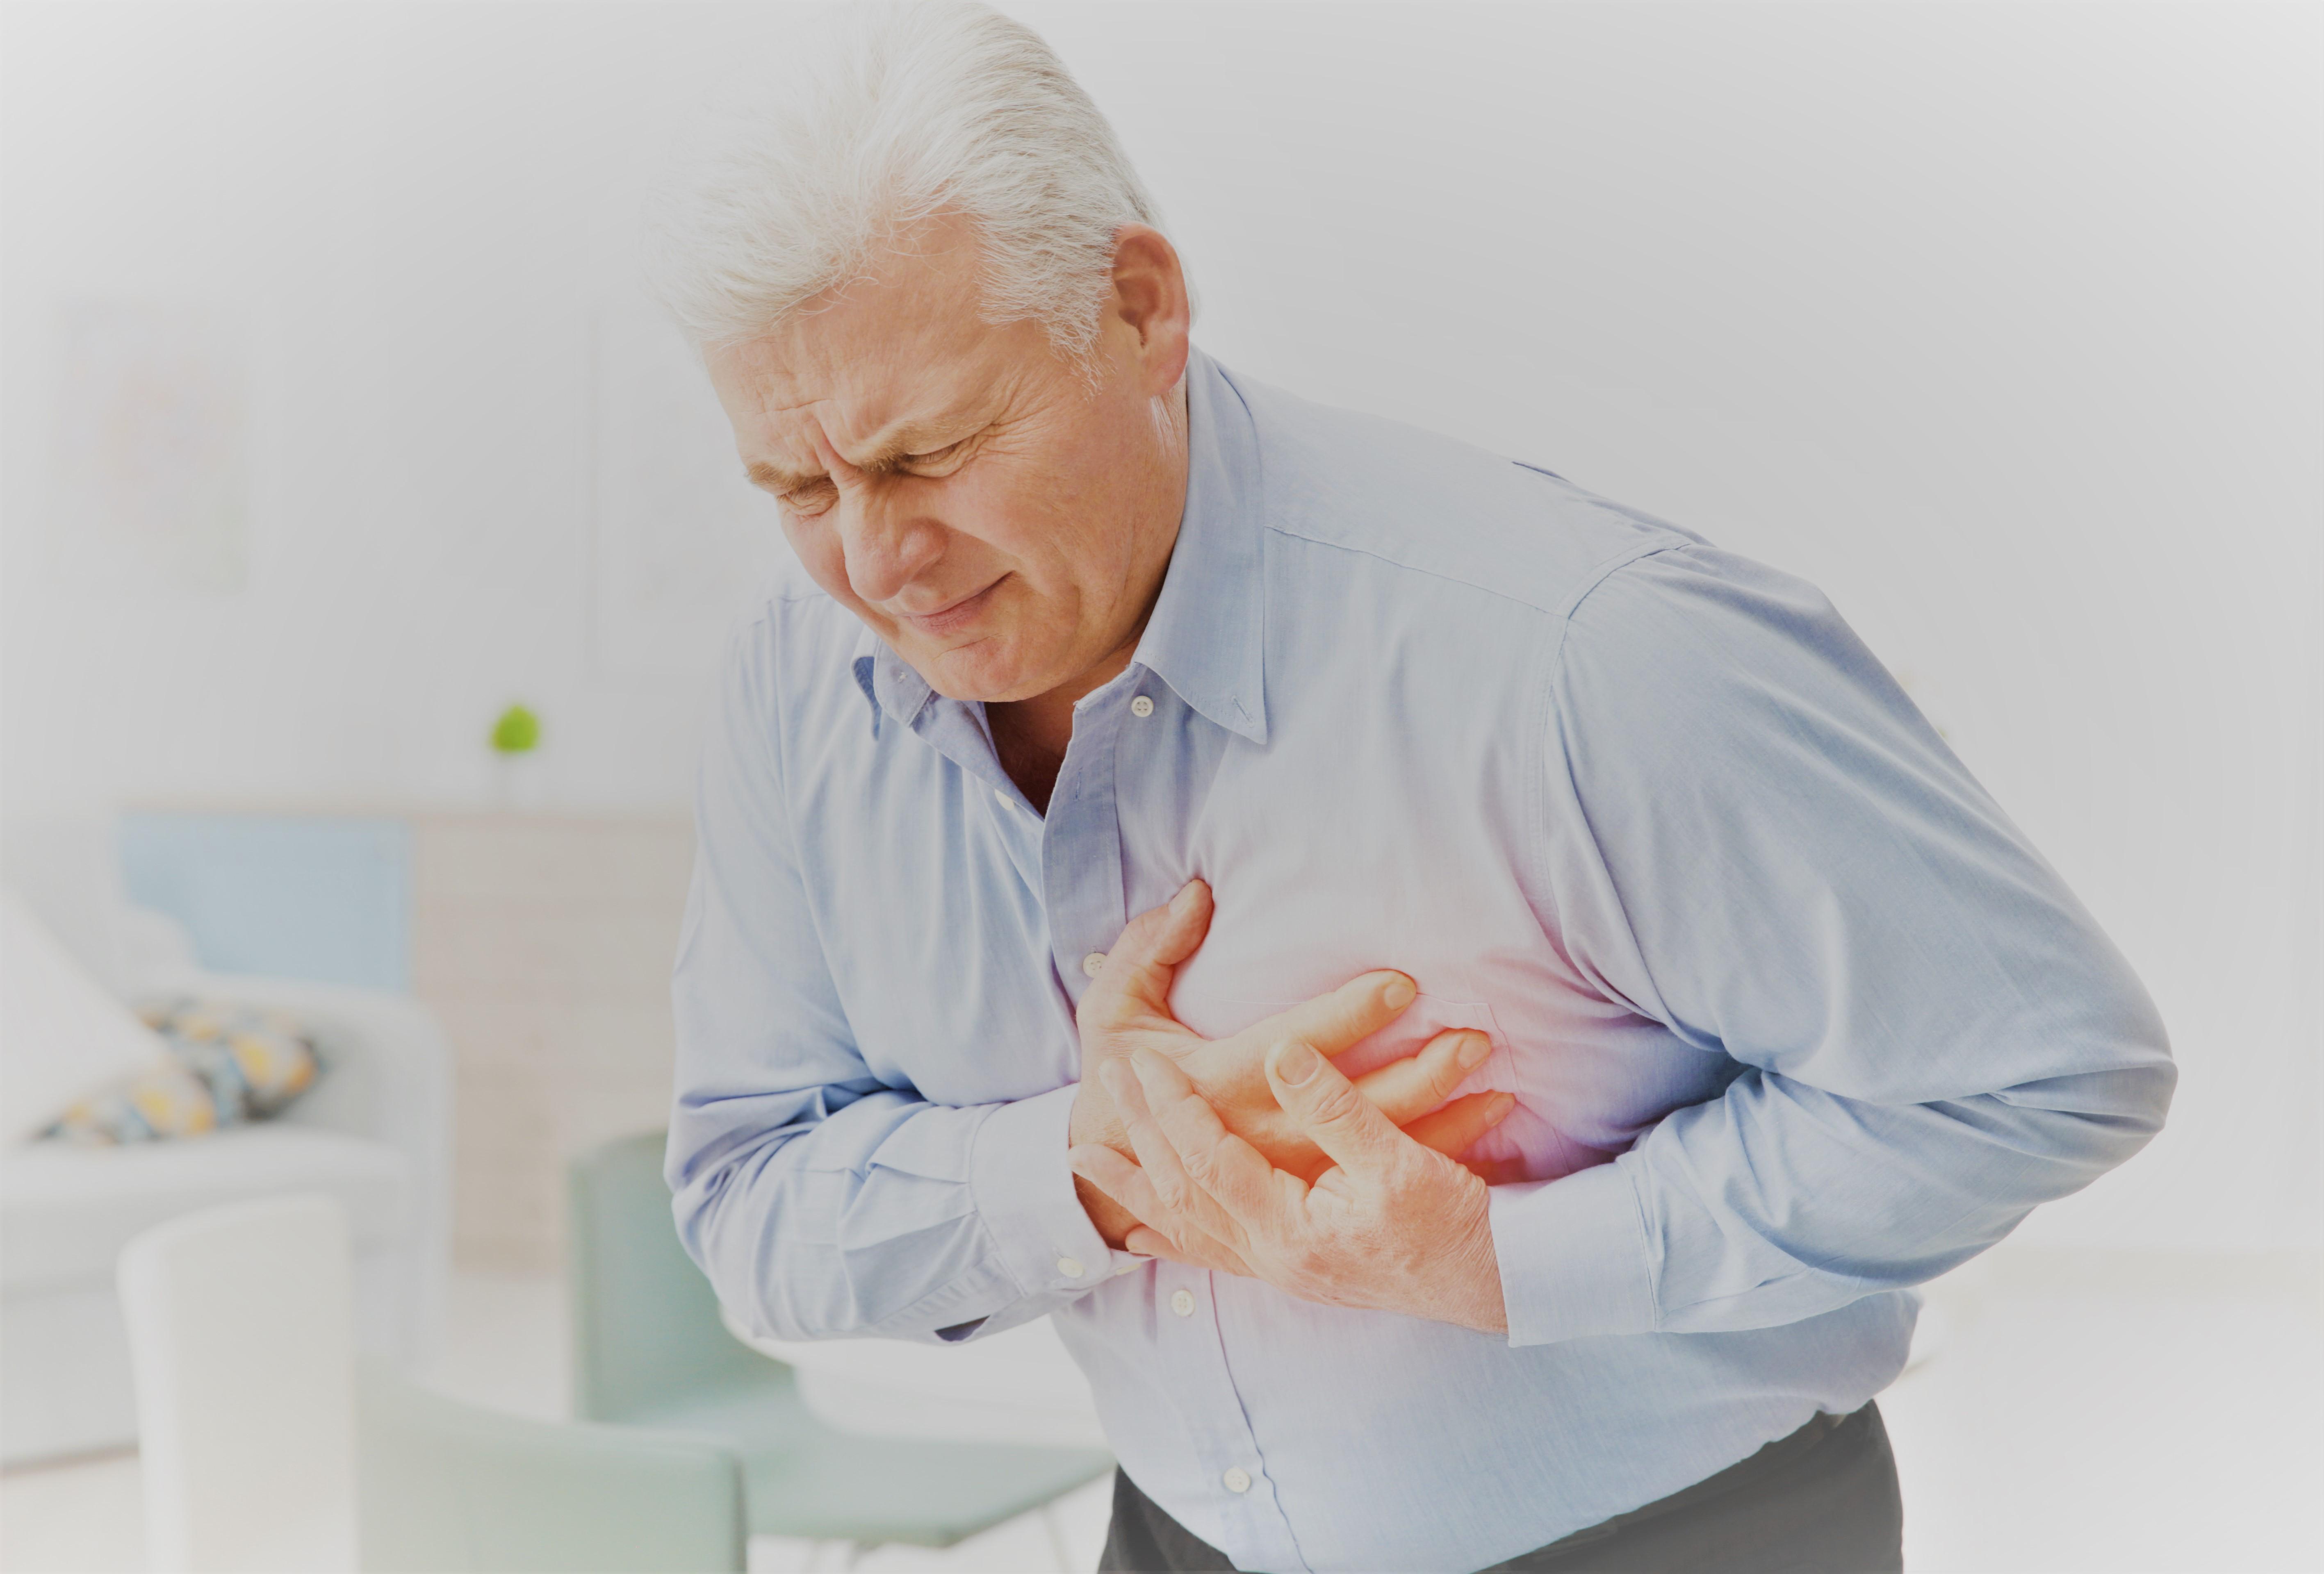 ízületi fájdalom és köhögés